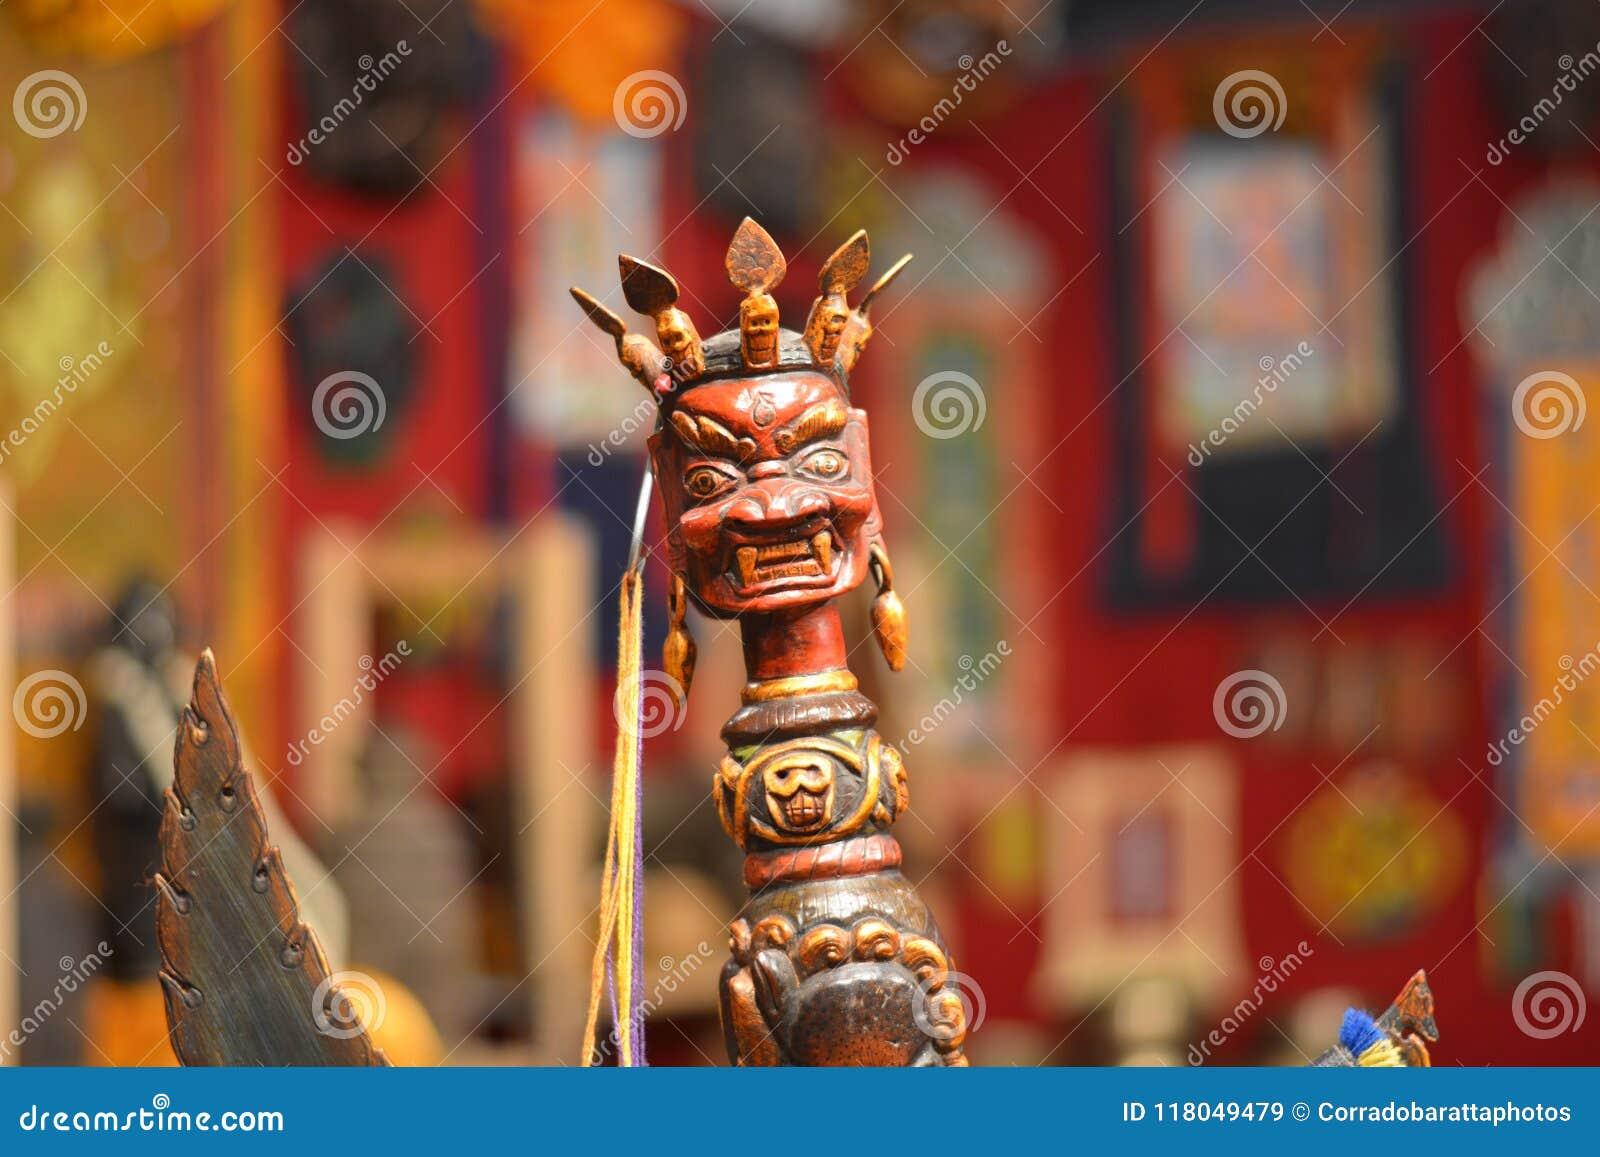 Una divinità indù indagatrice